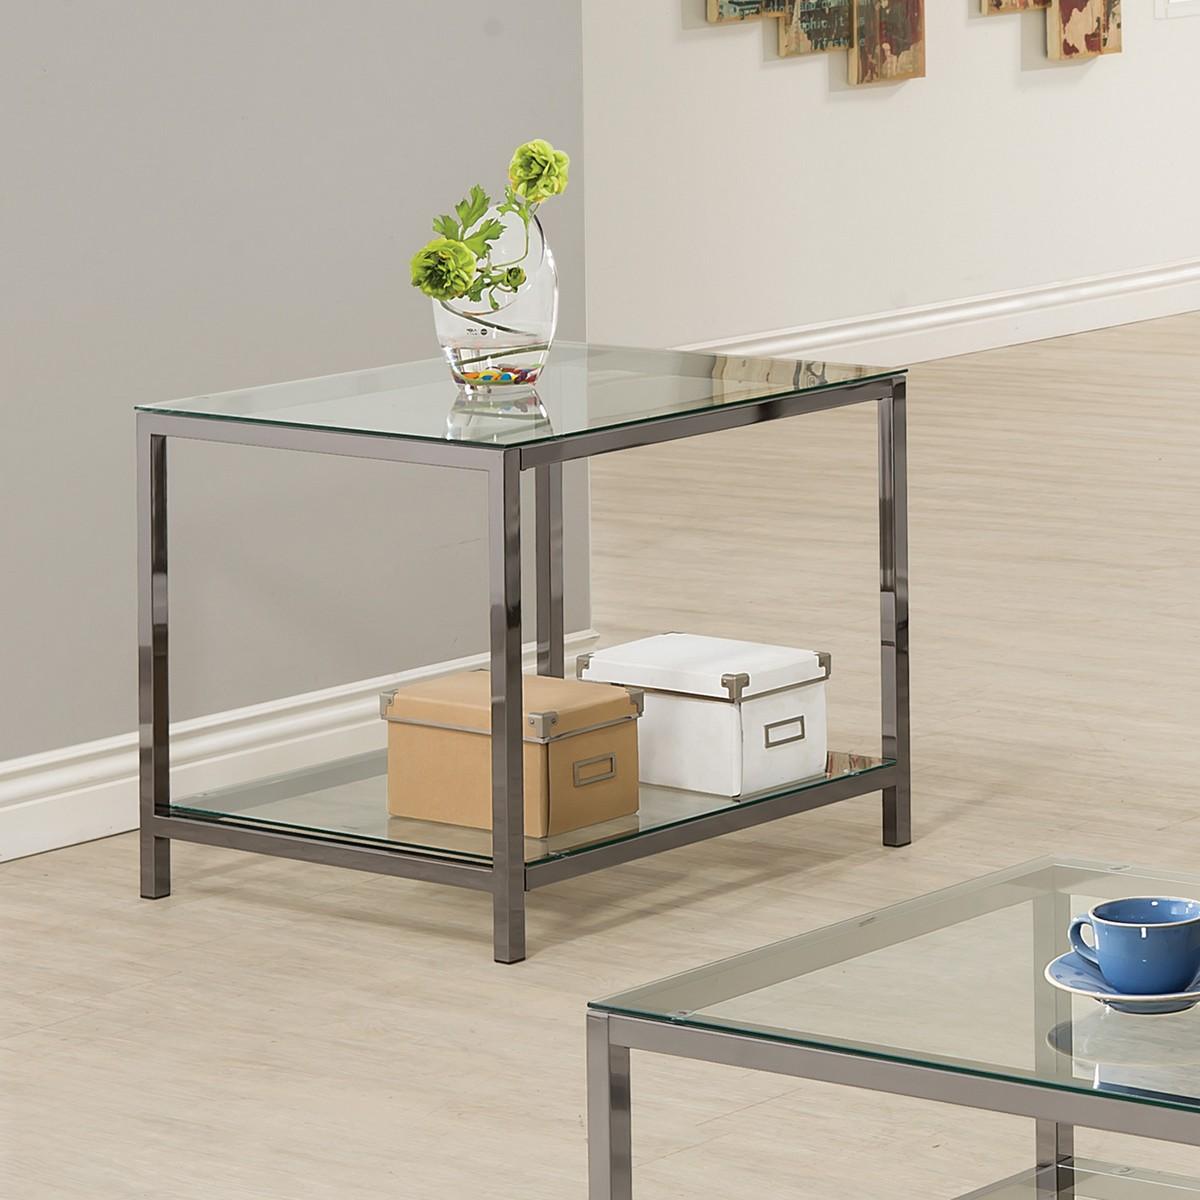 Coaster 720227 End Table - Black Nickel